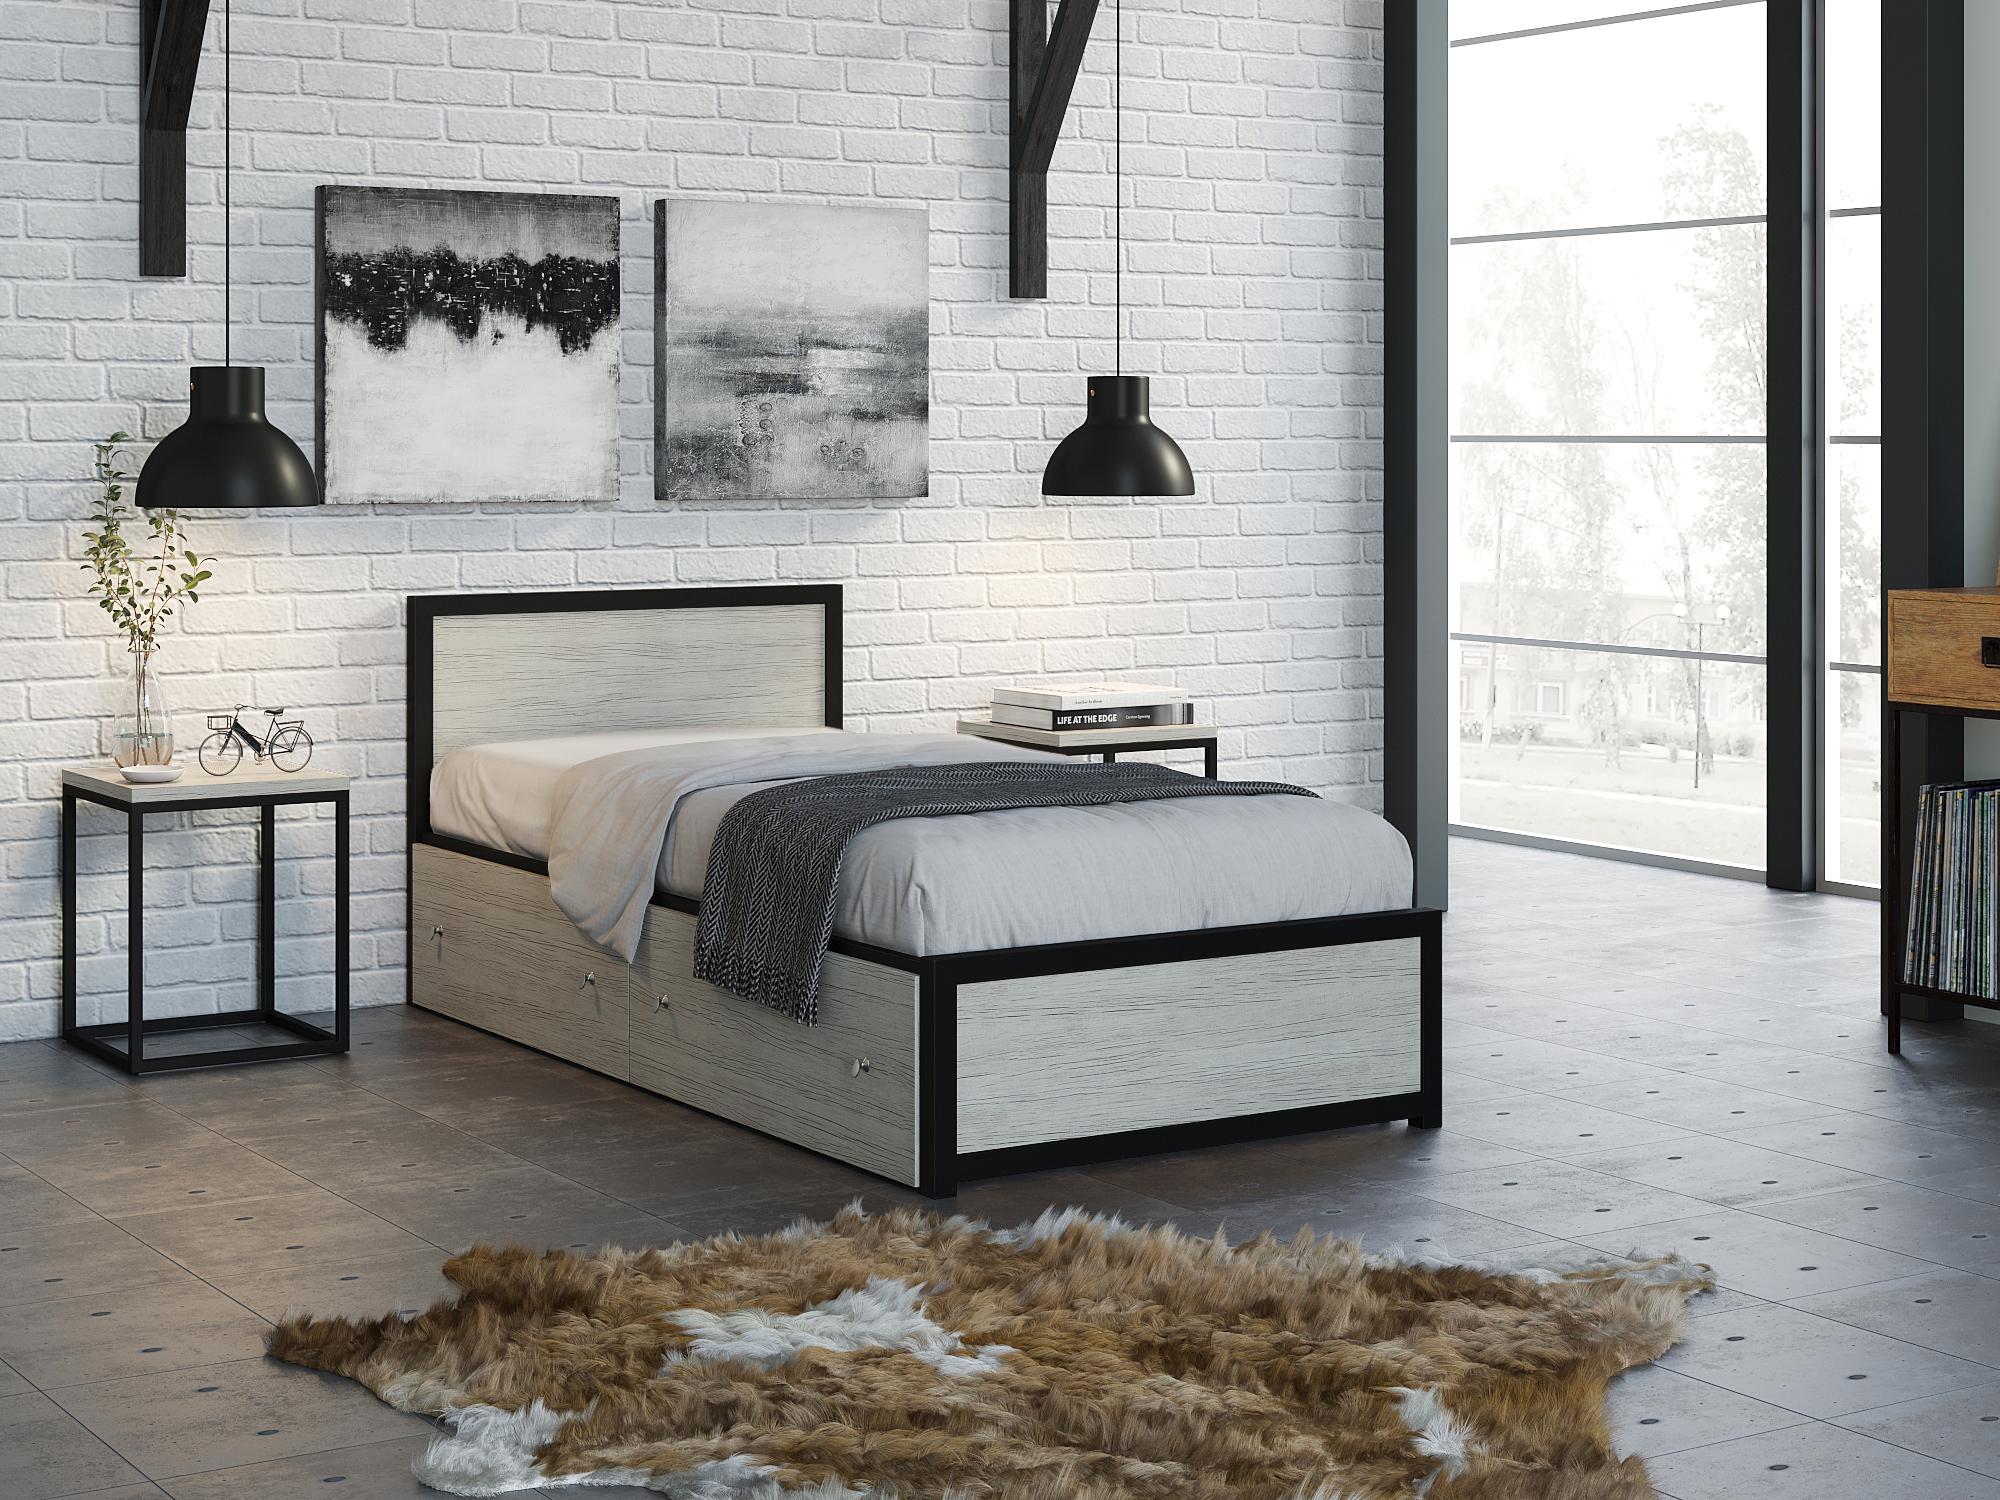 Фото - Кровать Титан (90х190) Дуб крафт белый, Черный, ЛДСП 26 мм, Металл крафт роберт эмиль воздушный пират икс металл